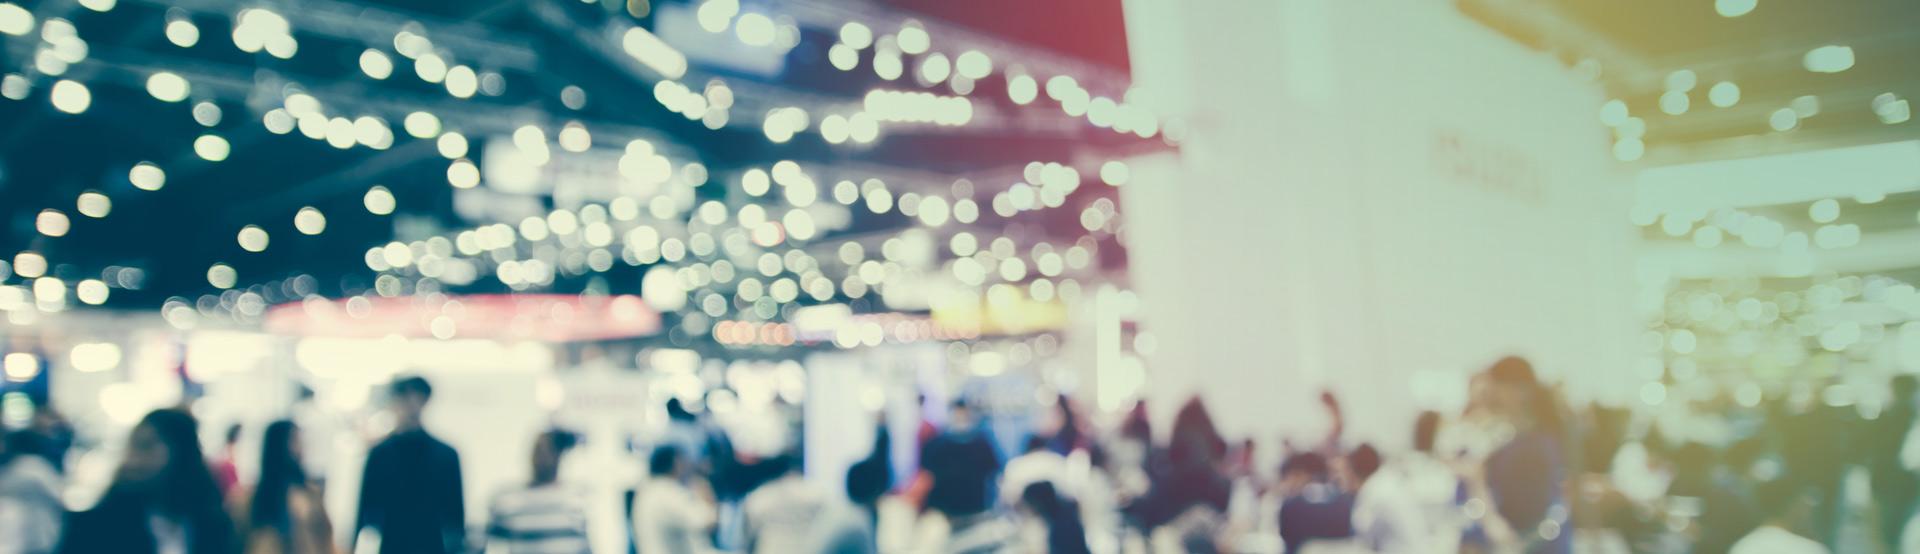 events_management